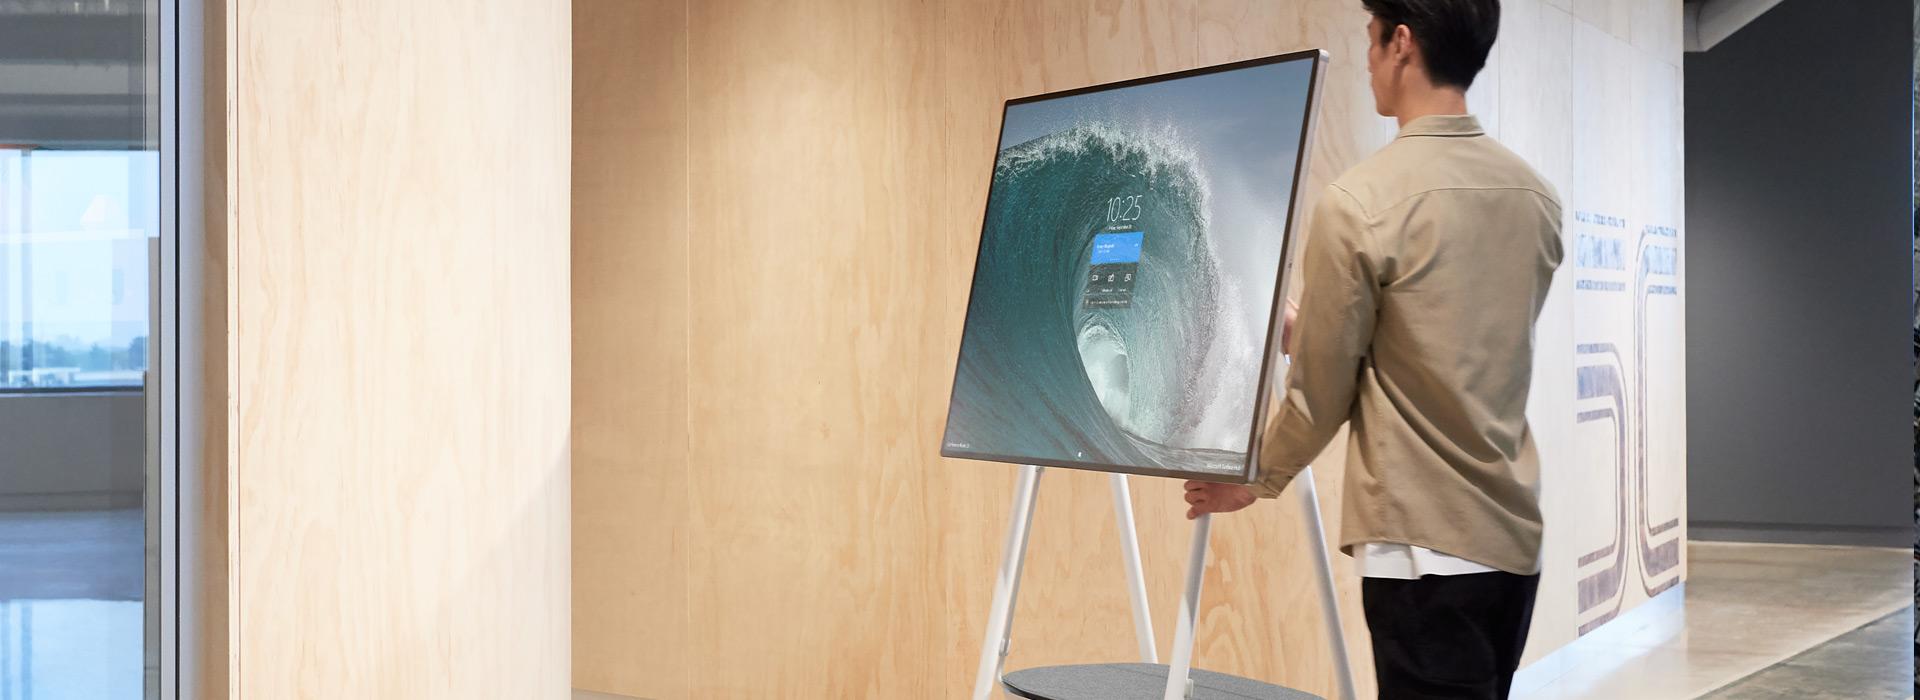 바퀴가 있는 이동식 스탠드로 Surface Hub 2S를 운반하는 남성